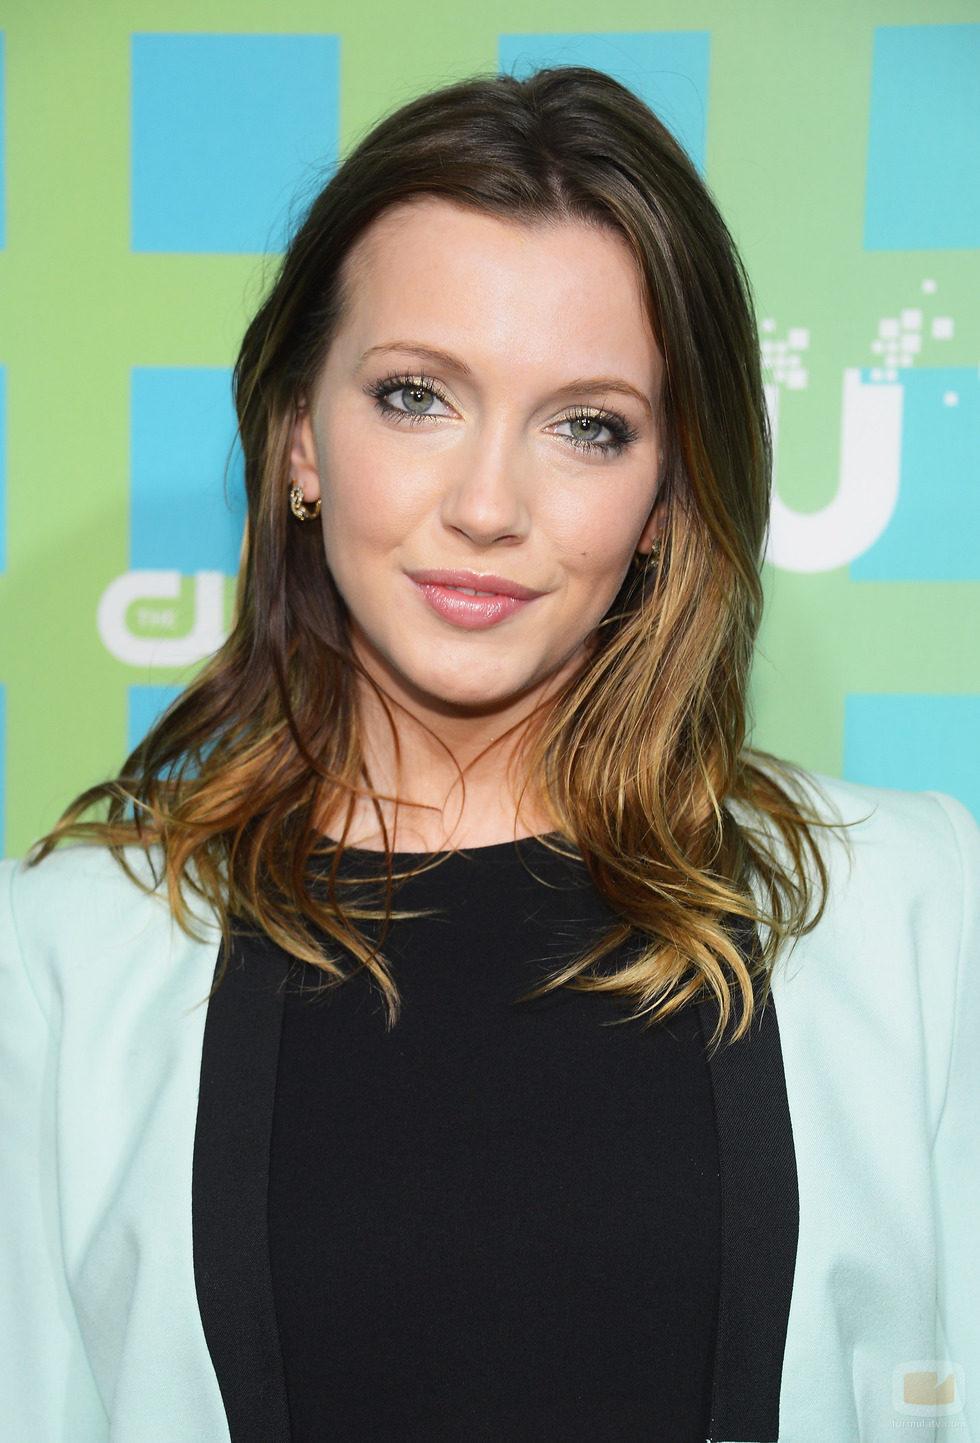 Katie Cassidy de 'Arrow' en los Upfronts 2012 de The CW